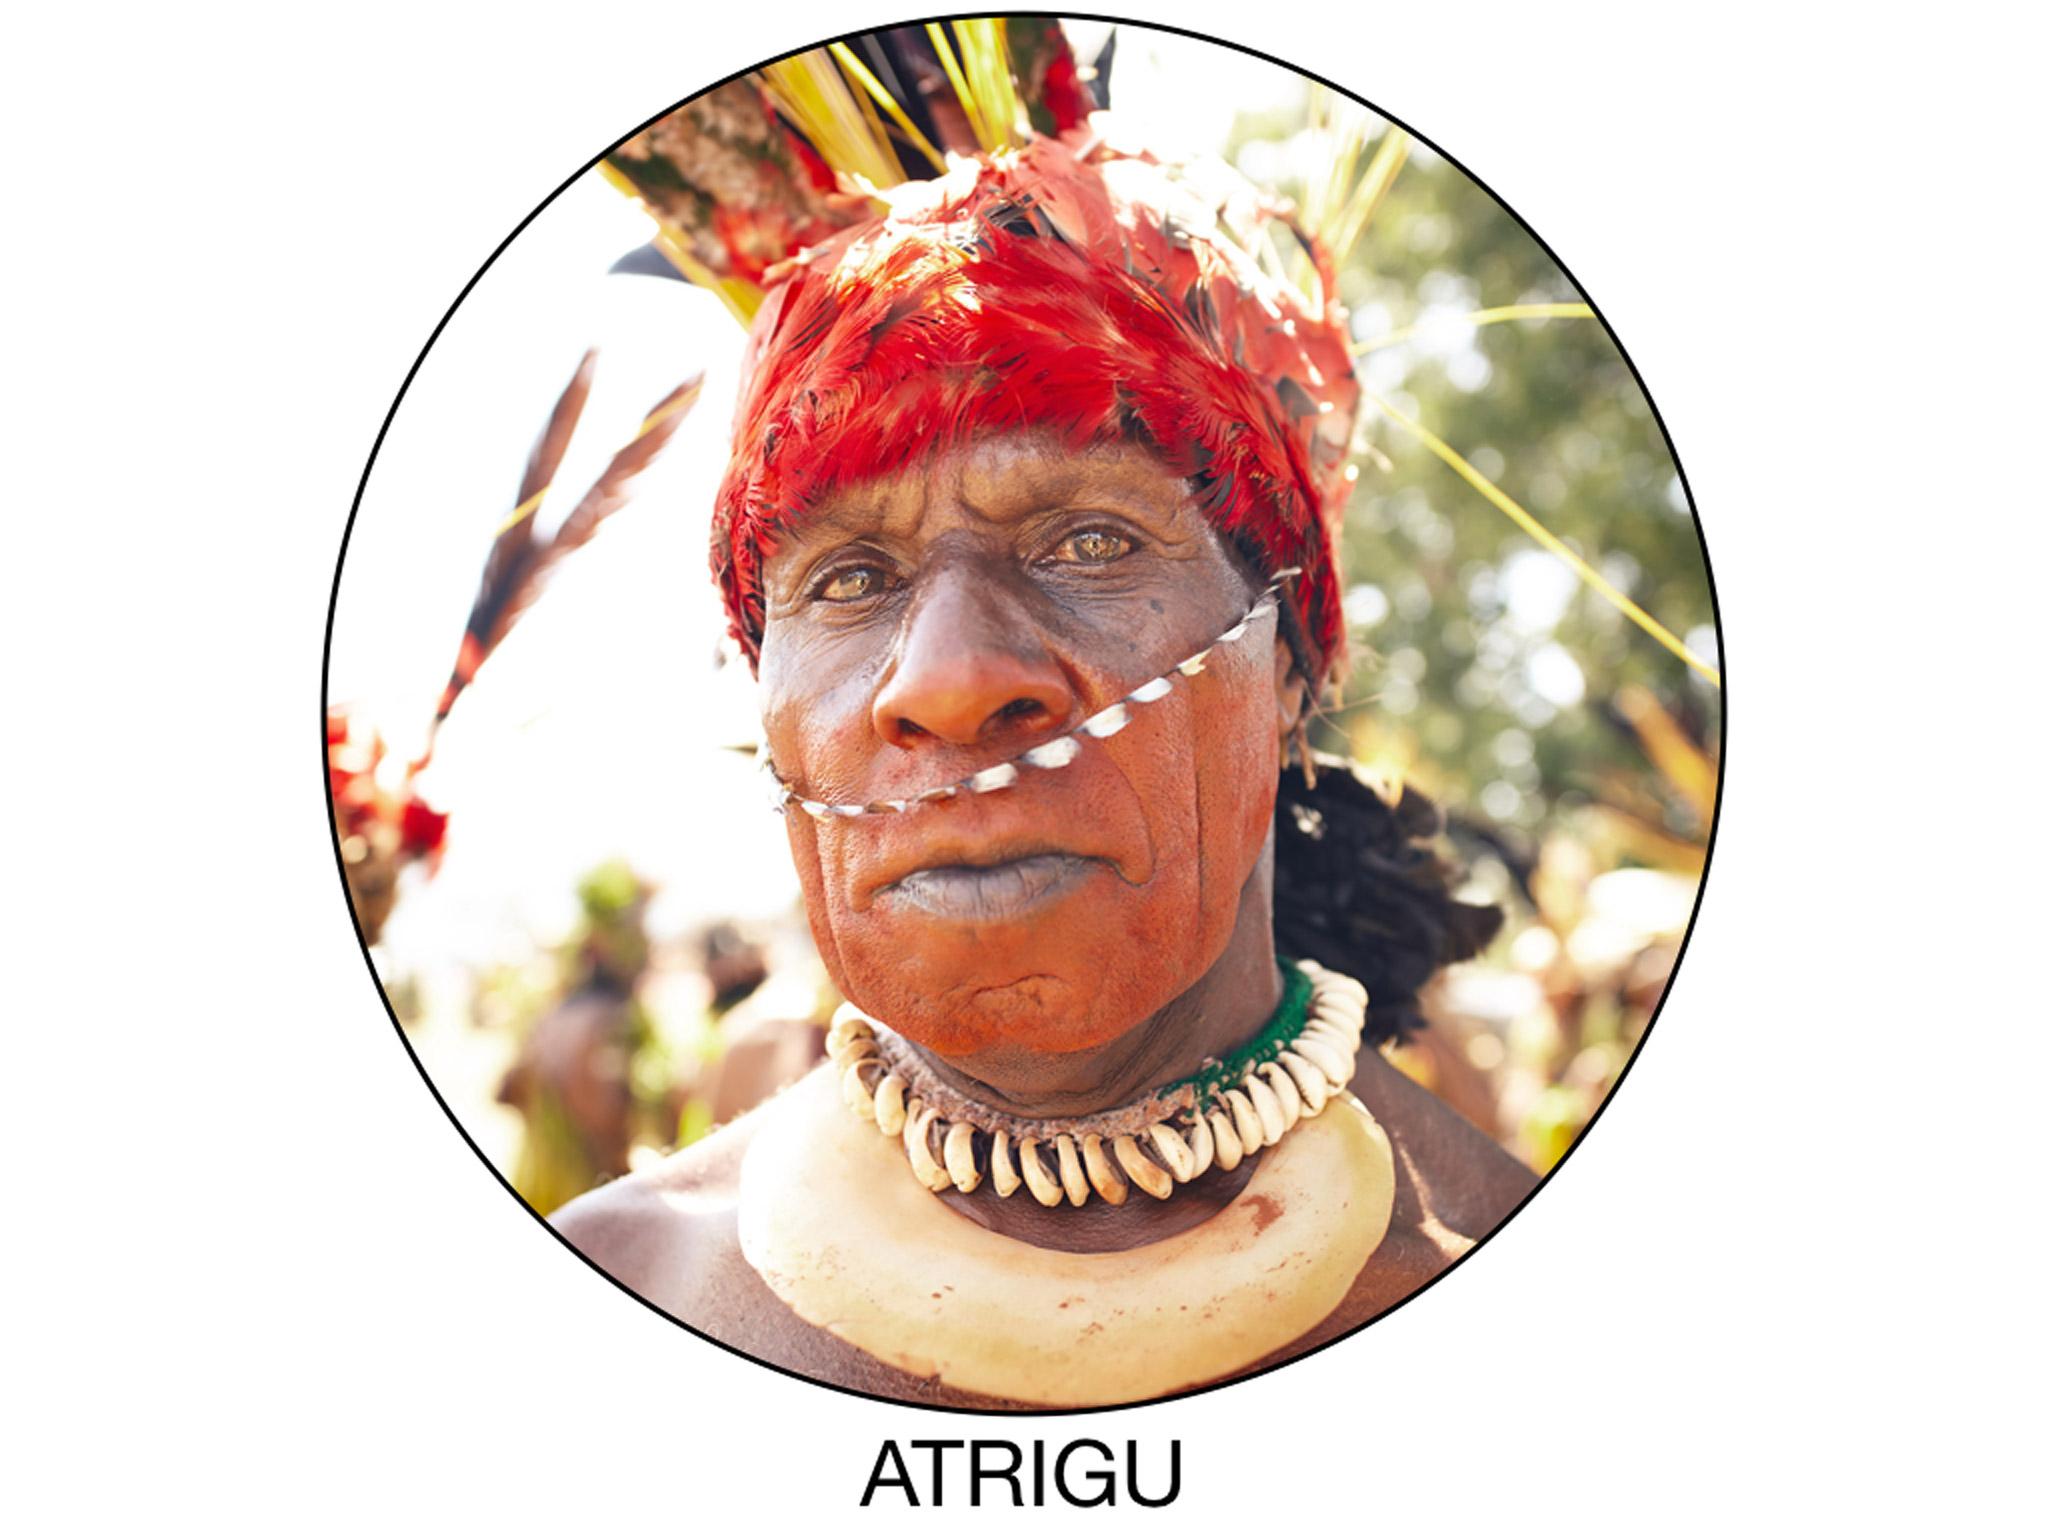 Atrigu warrior portrait